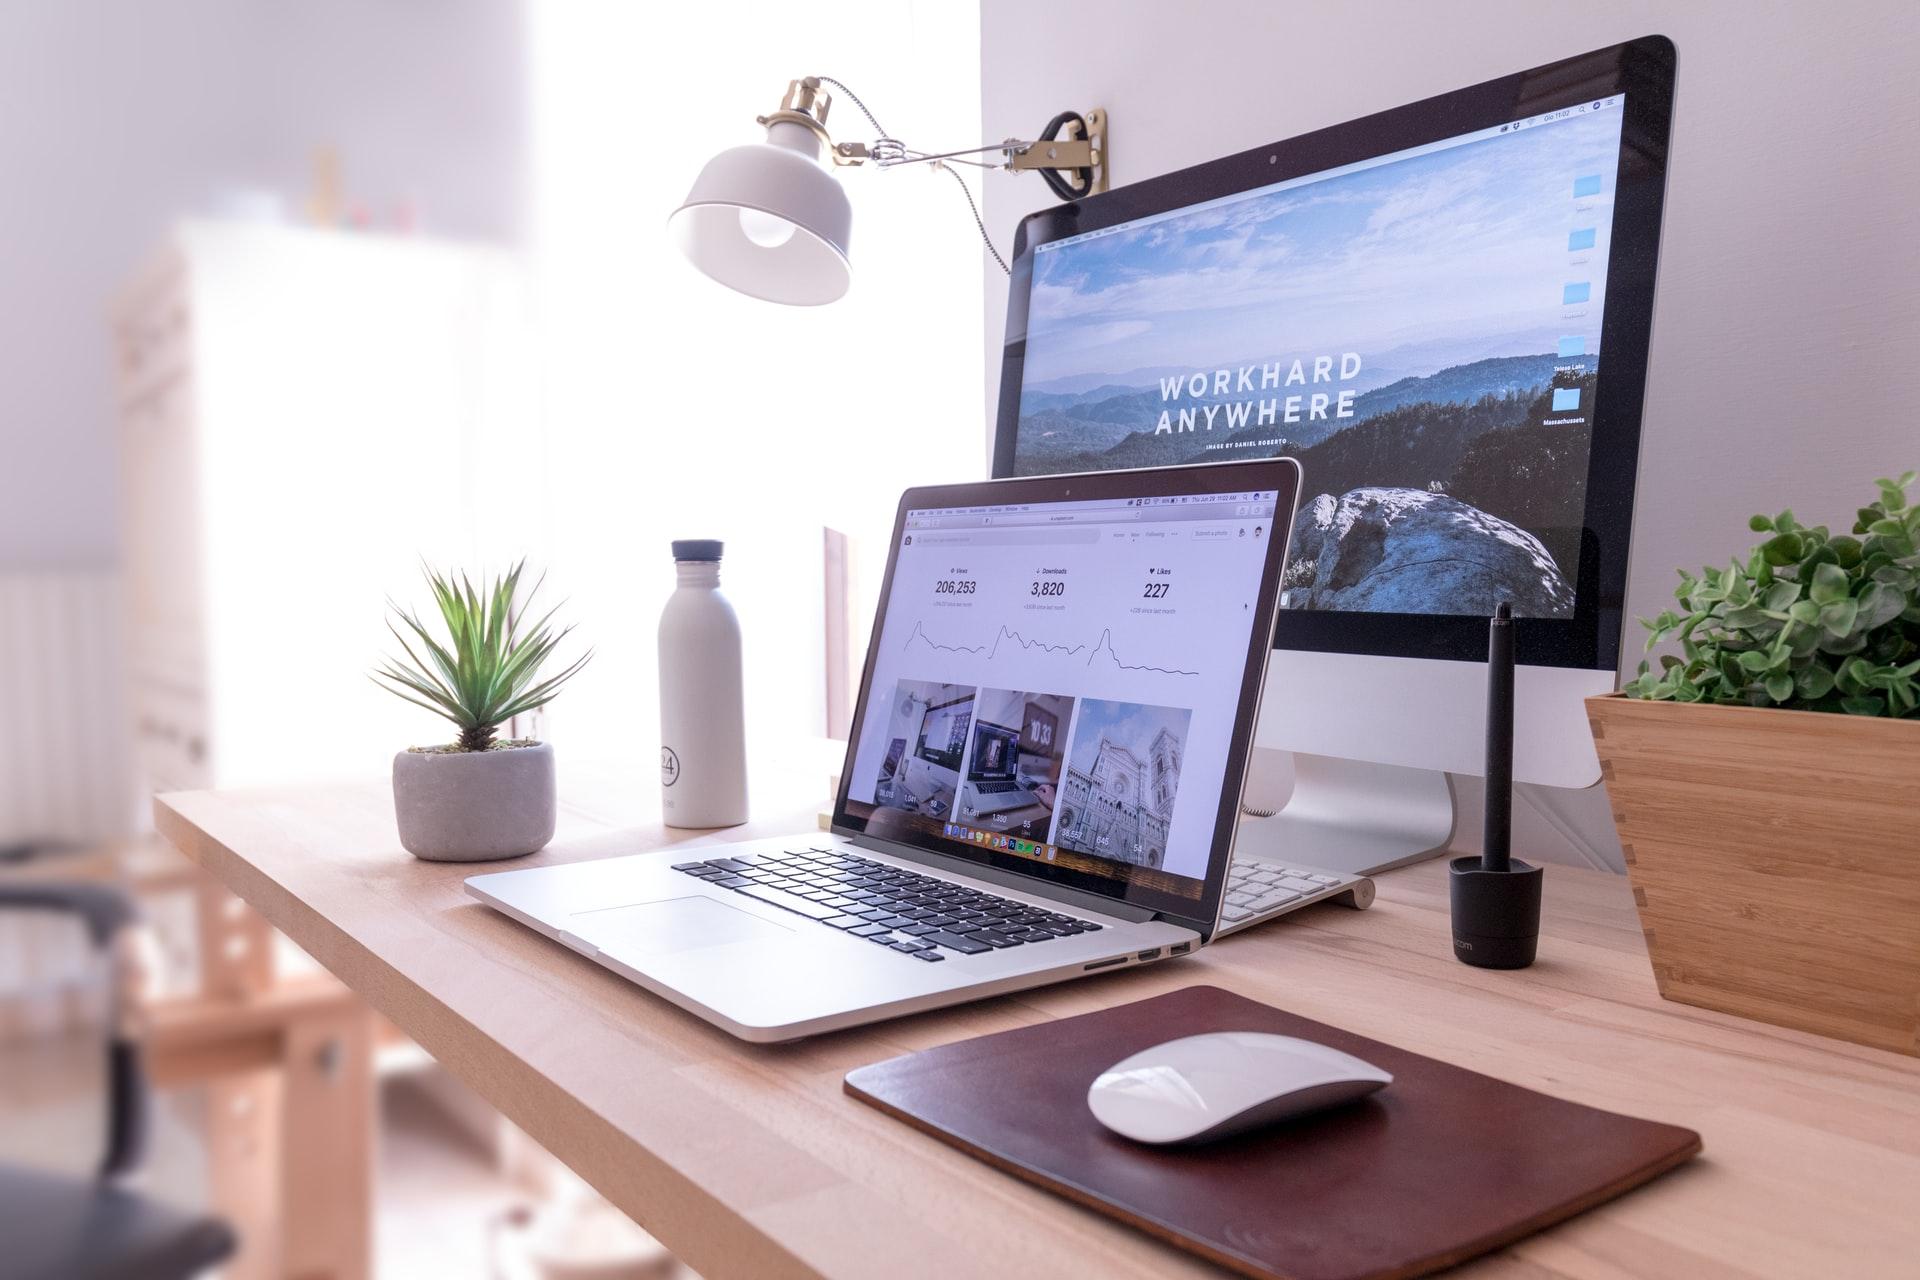 ノートパソコンとモニター